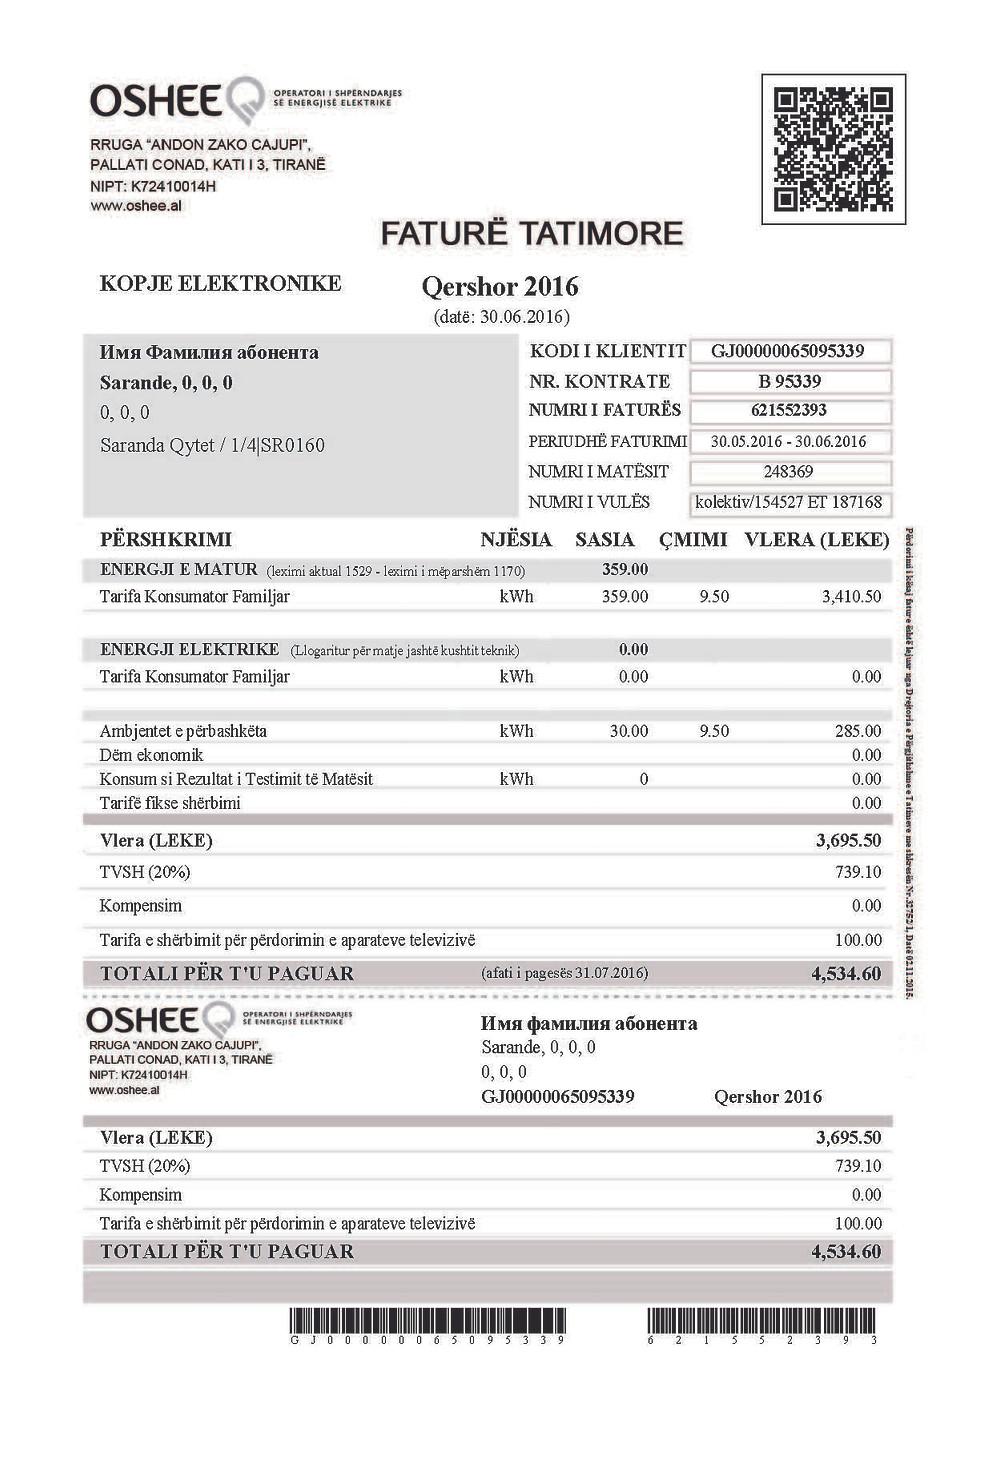 Пример счета за свет в Албании (OSHEE)